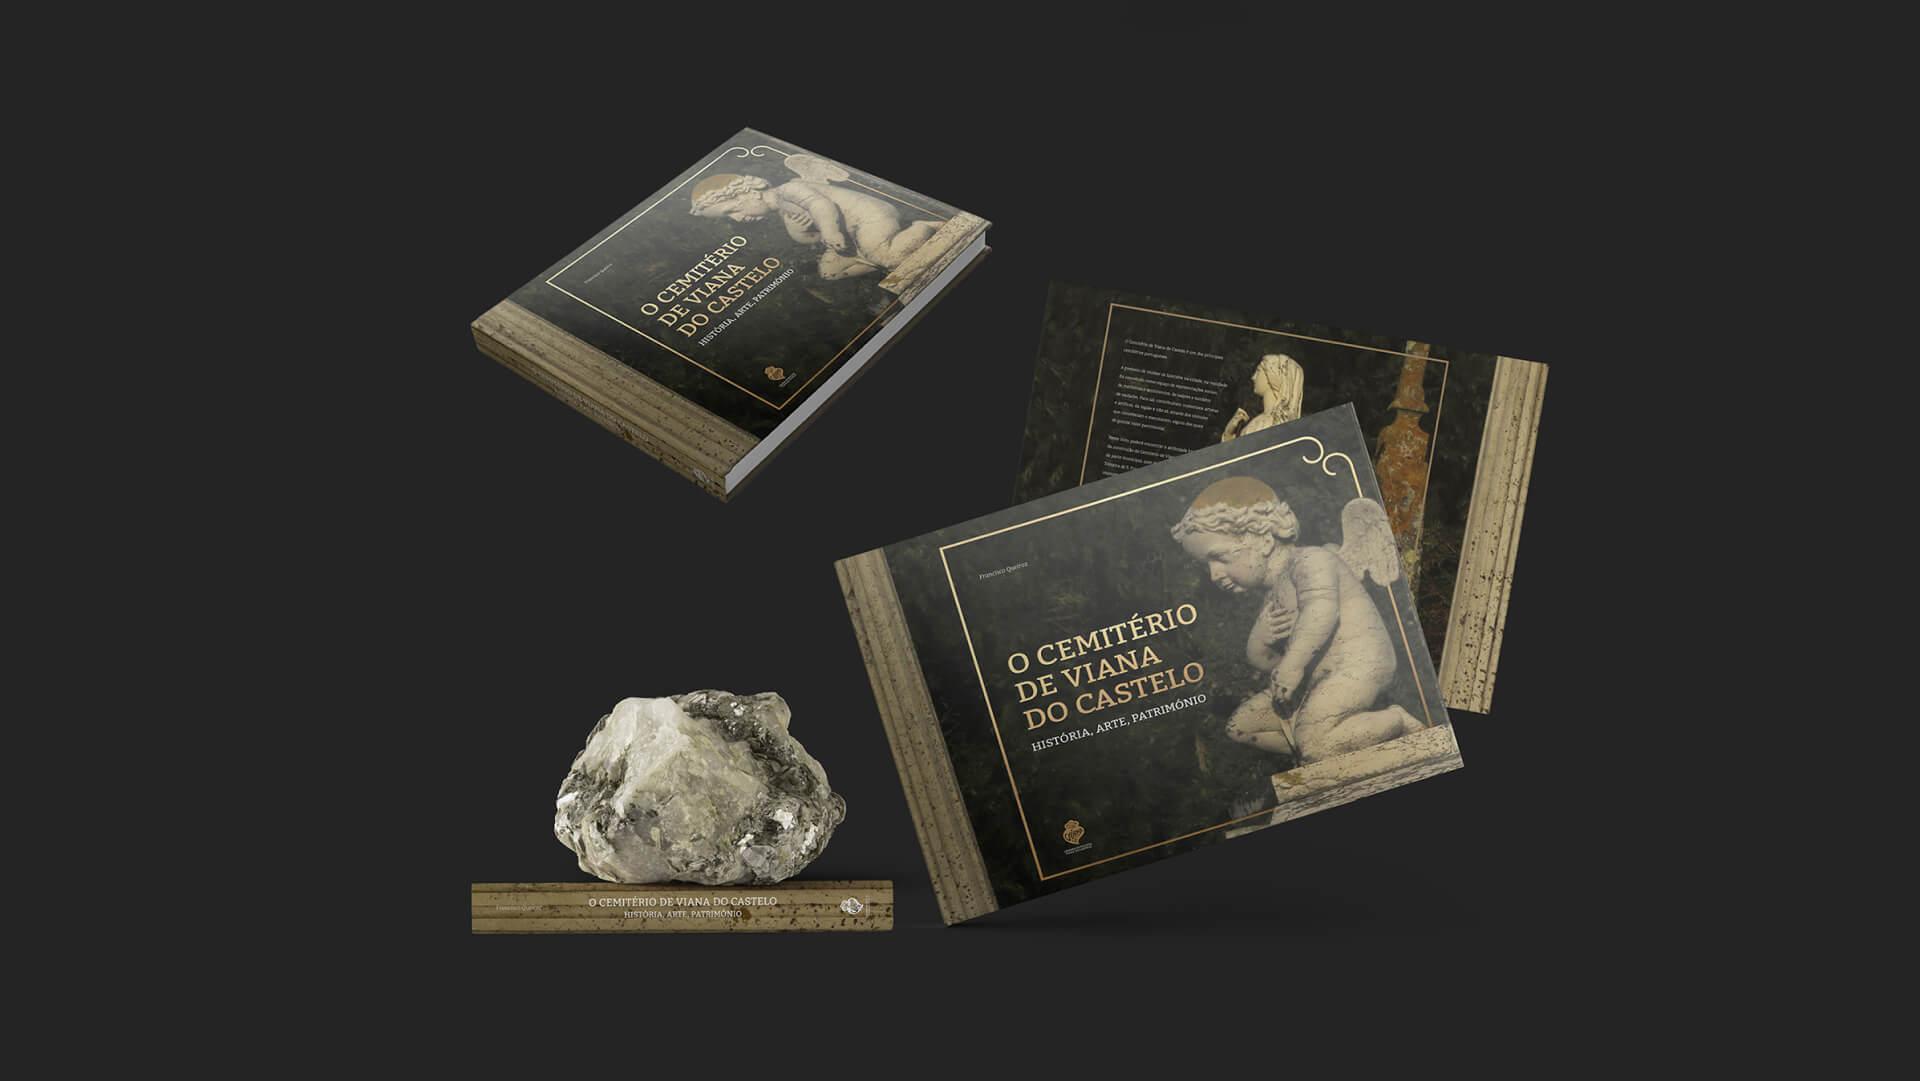 livro dos cemitérios de Viana do Castelo